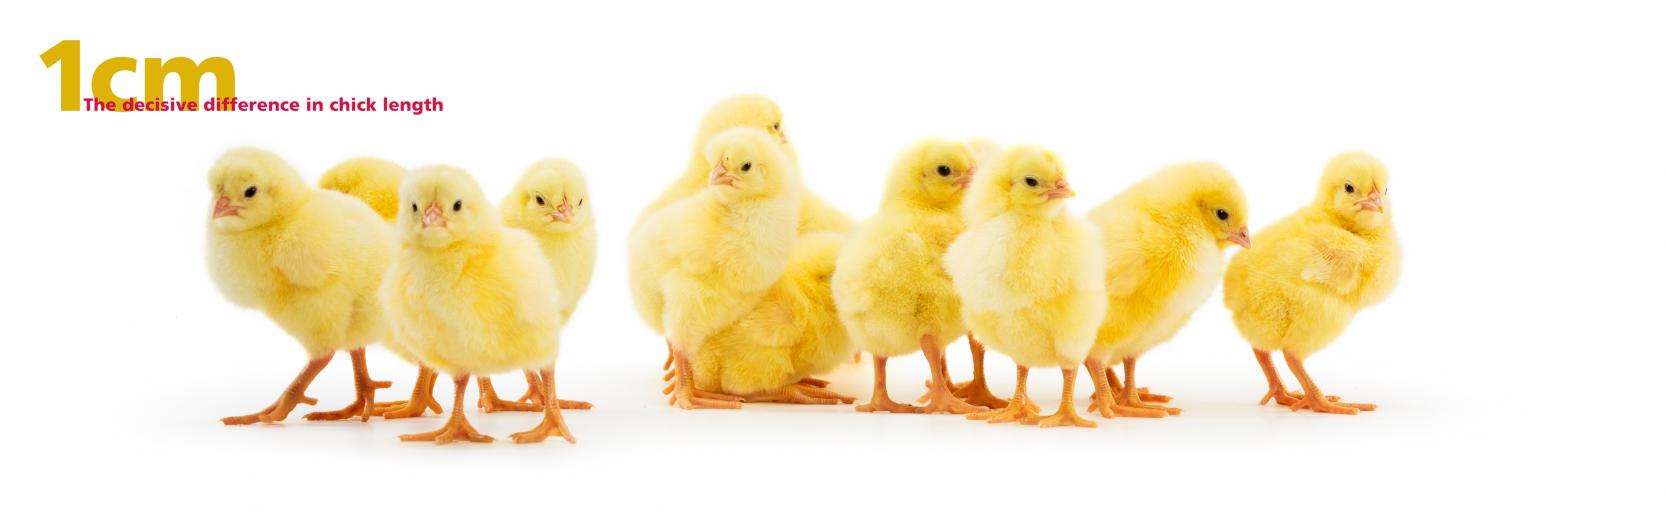 Tips & Chicks_867